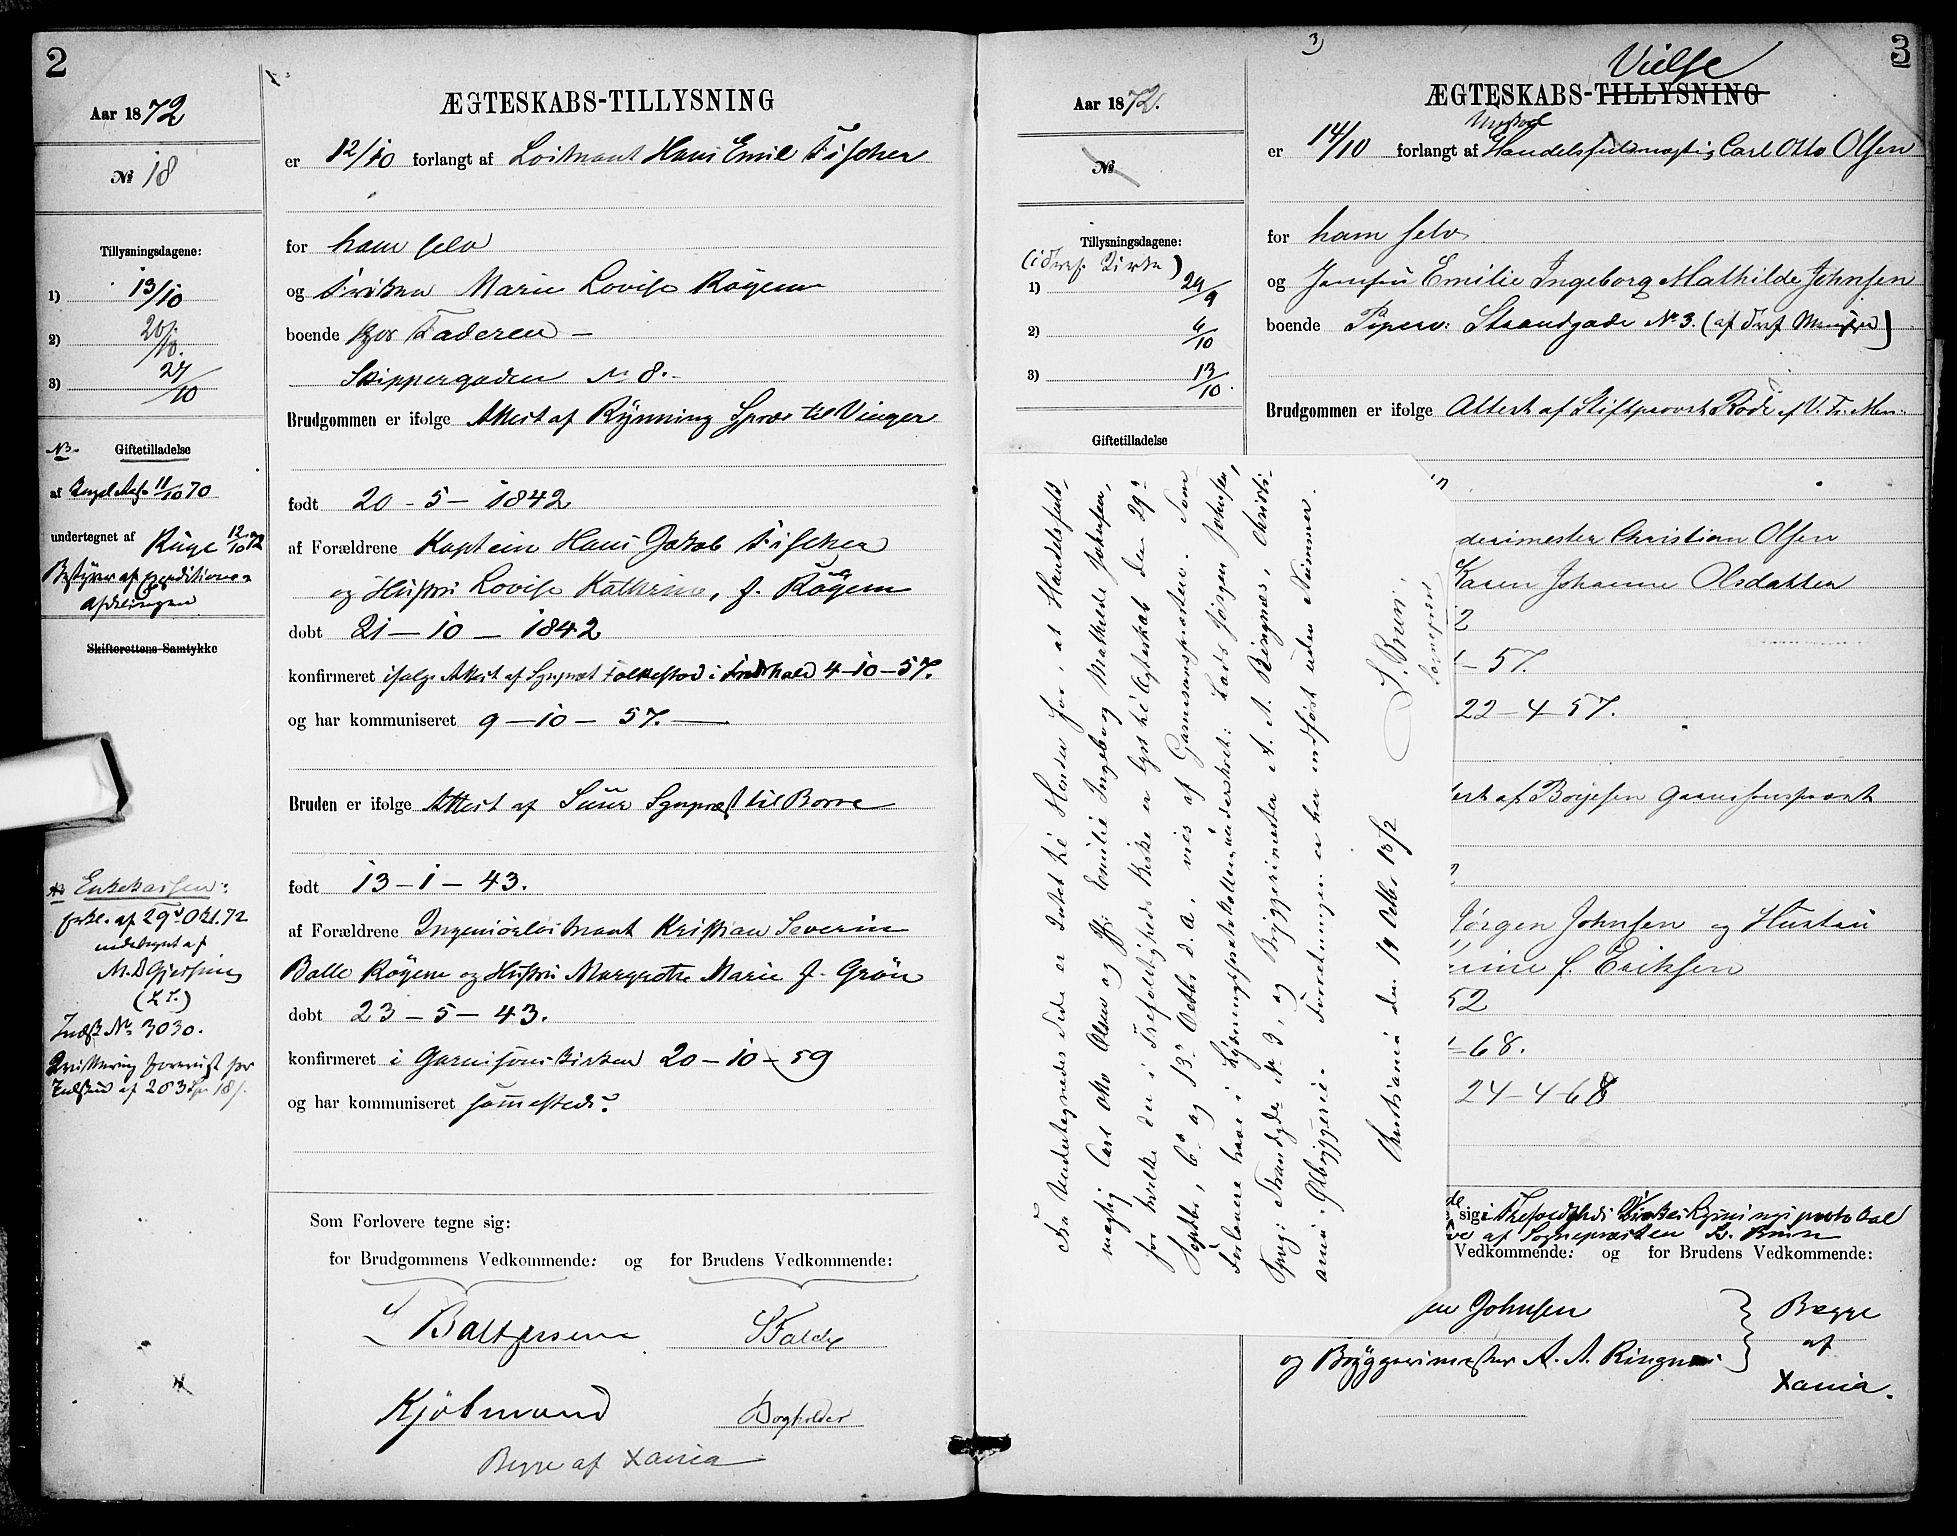 SAO, Garnisonsmenigheten Kirkebøker, H/Ha/L0007: Lysningsprotokoll nr. I 7, 1872-1893, s. 2-3